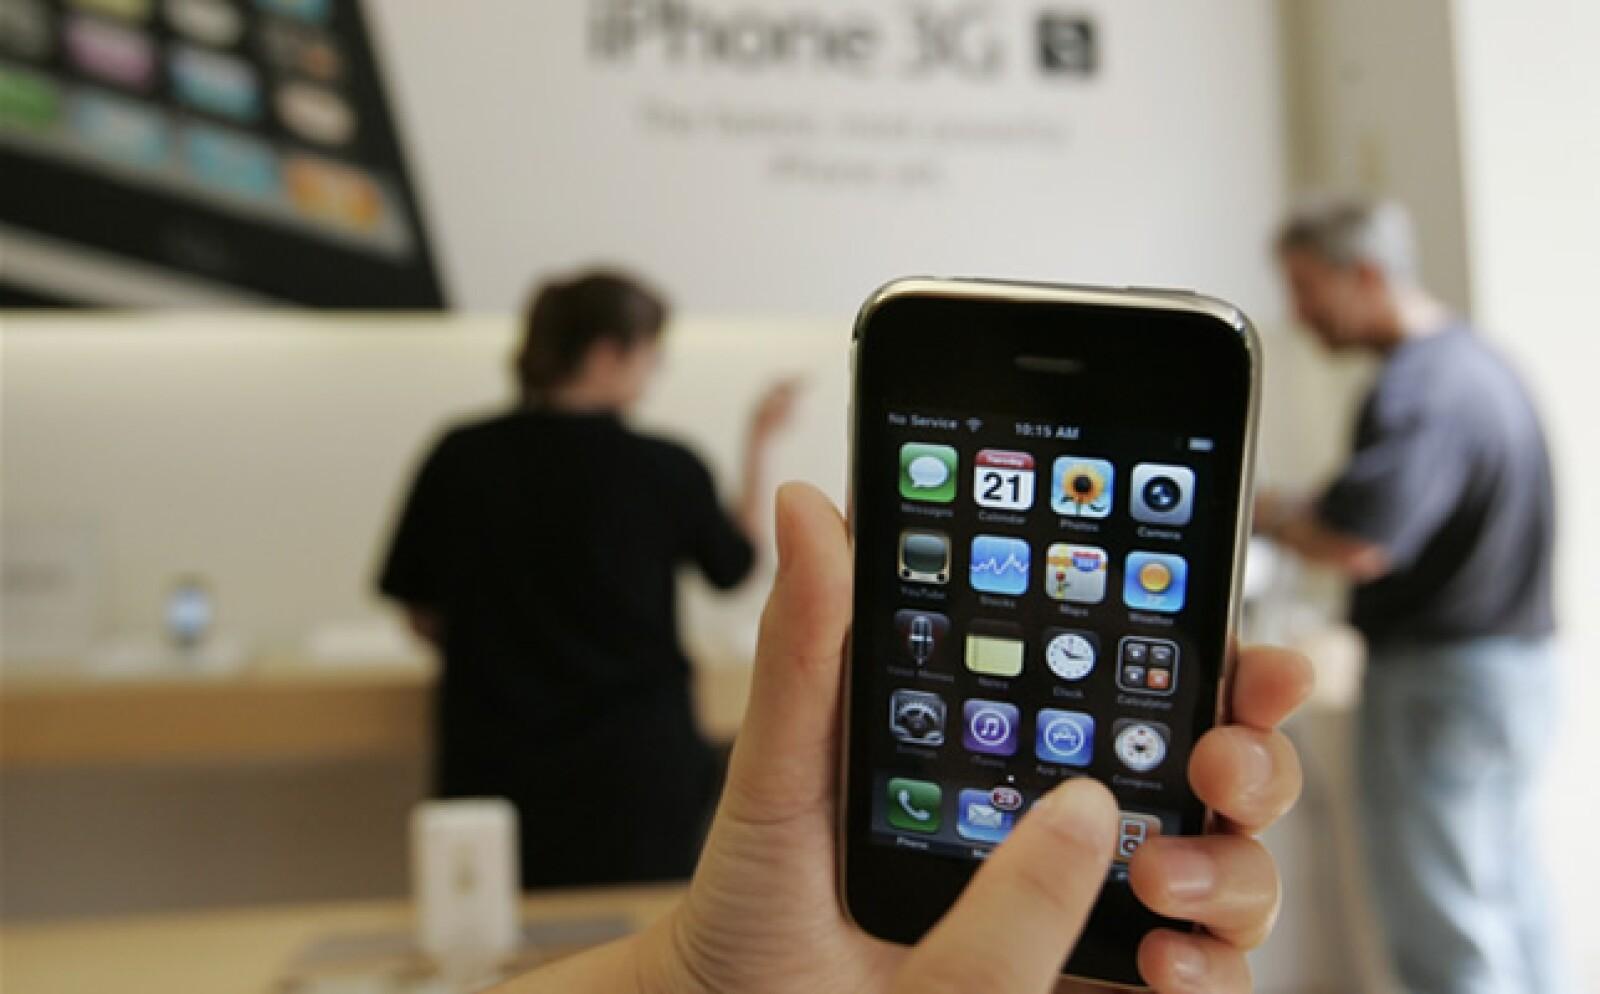 Llega el nuevo iphone a una porción de Latinoamérica distribuido por América Móvil (Telcel) y gradualmente saldrá en toda la región latina.